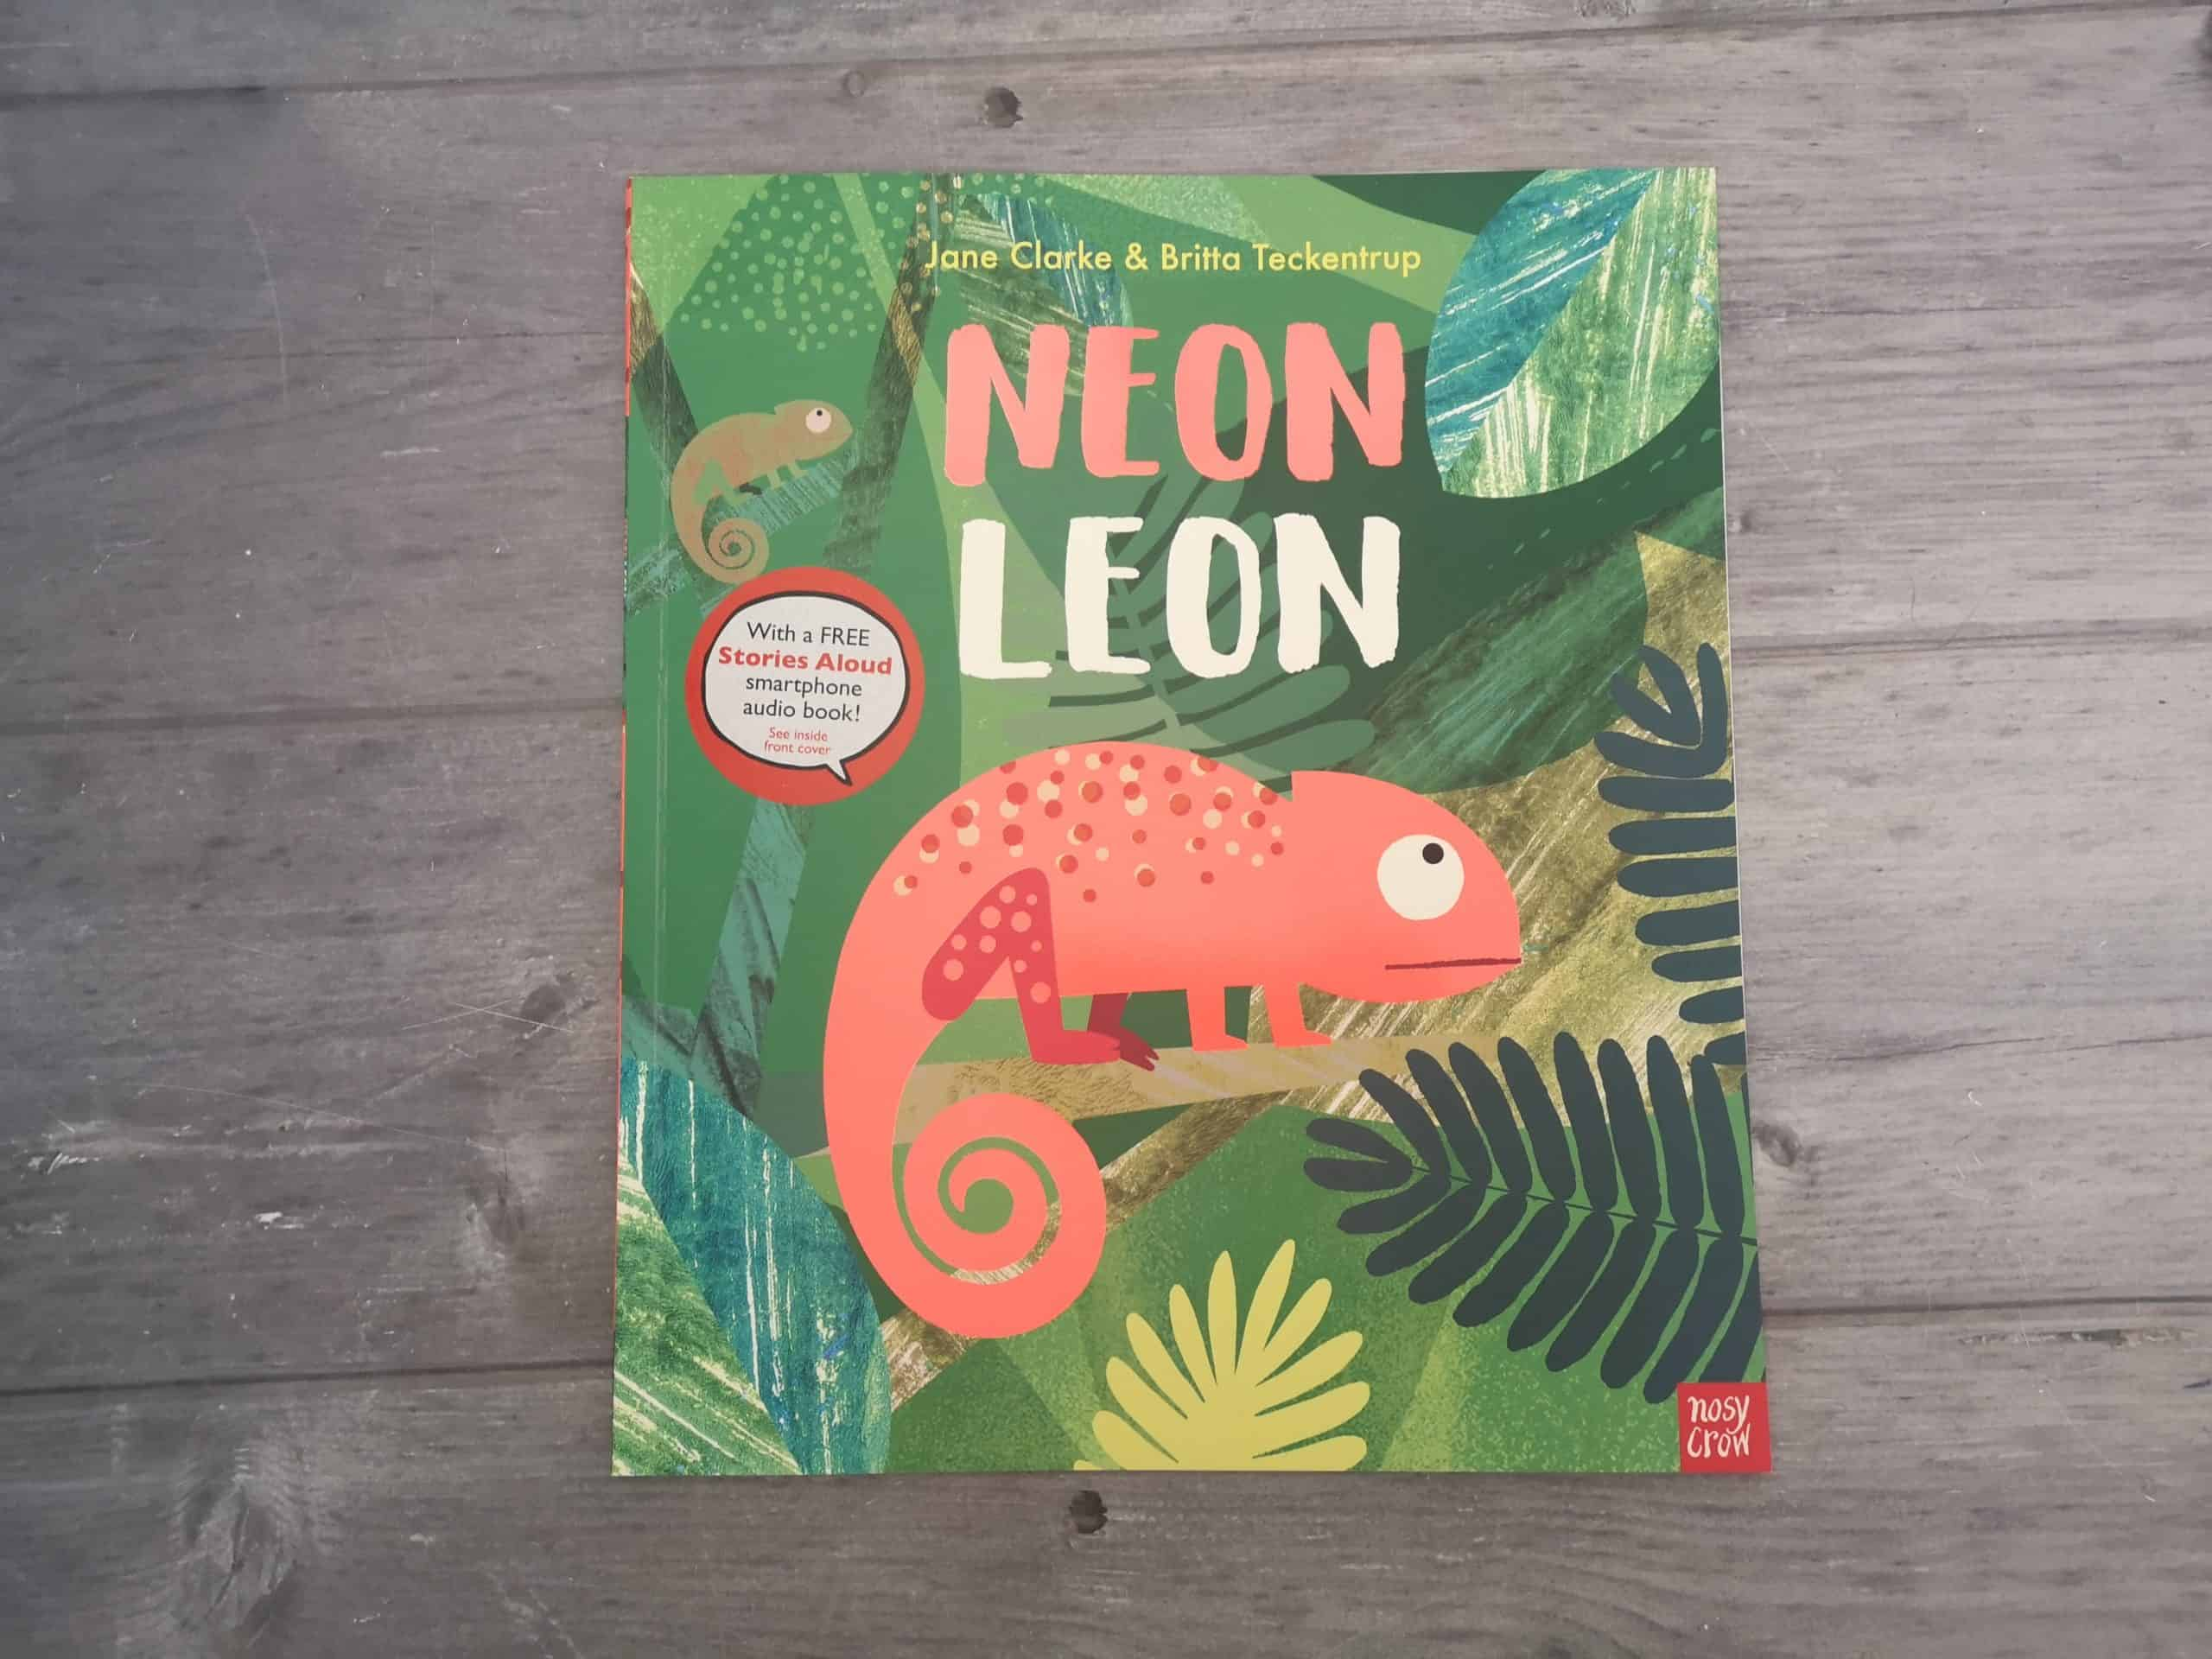 Neon Leon from by Jane Clarke and Britta Teckentrup